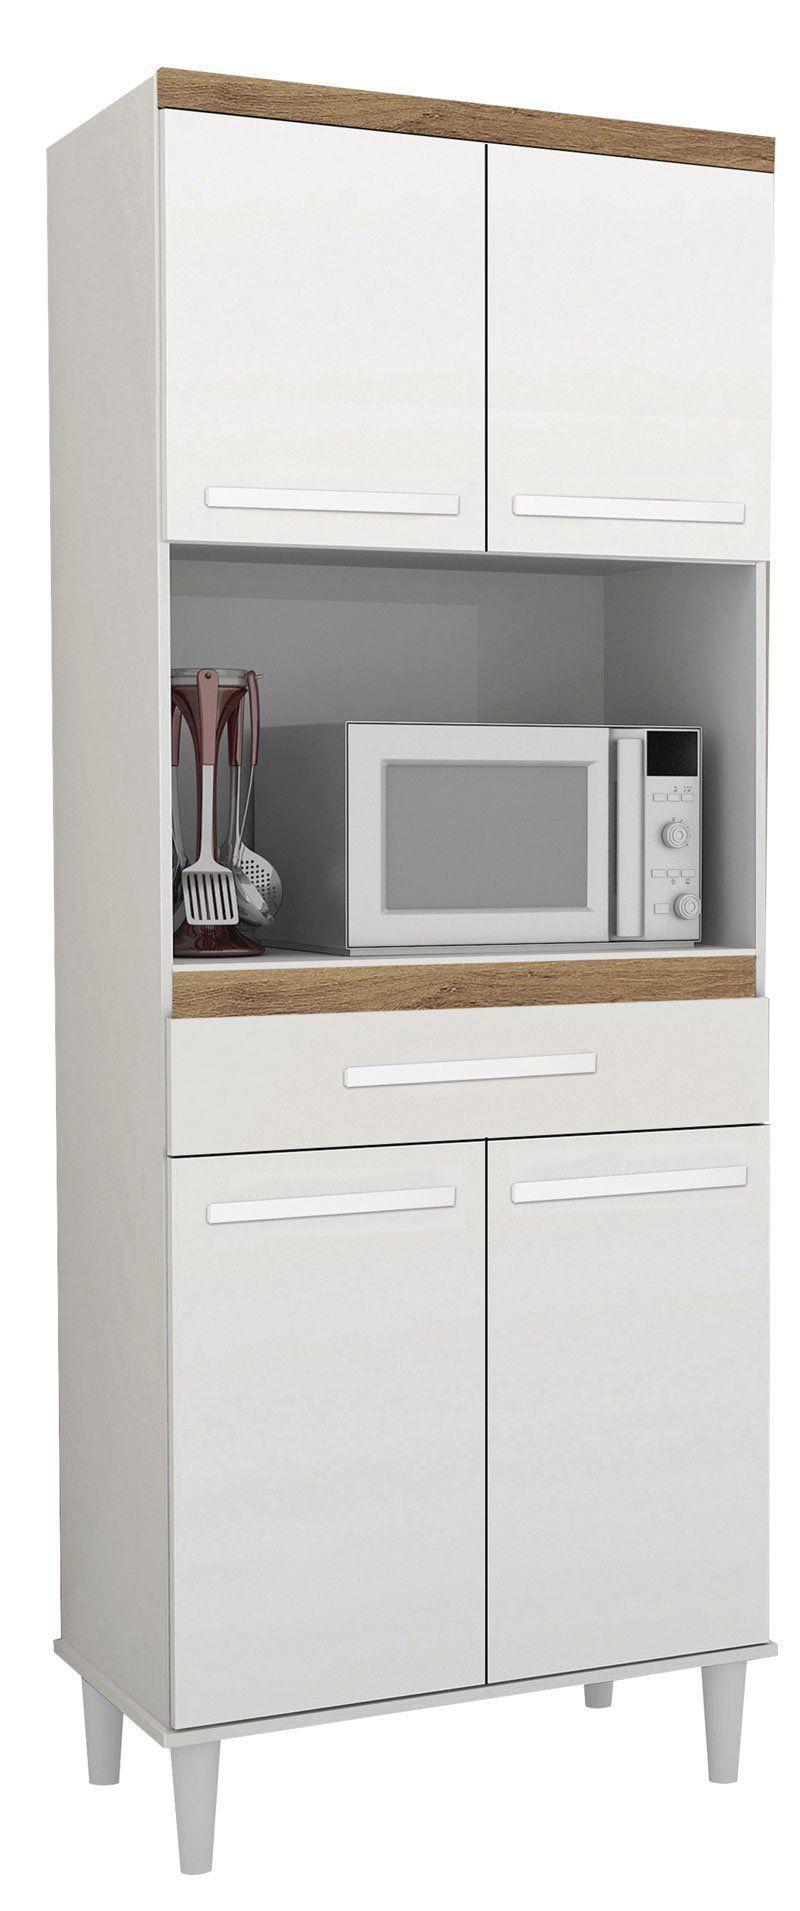 Armário de Cozinha Vilage 0,70m Branco com Canelato - Trinobél Móveis